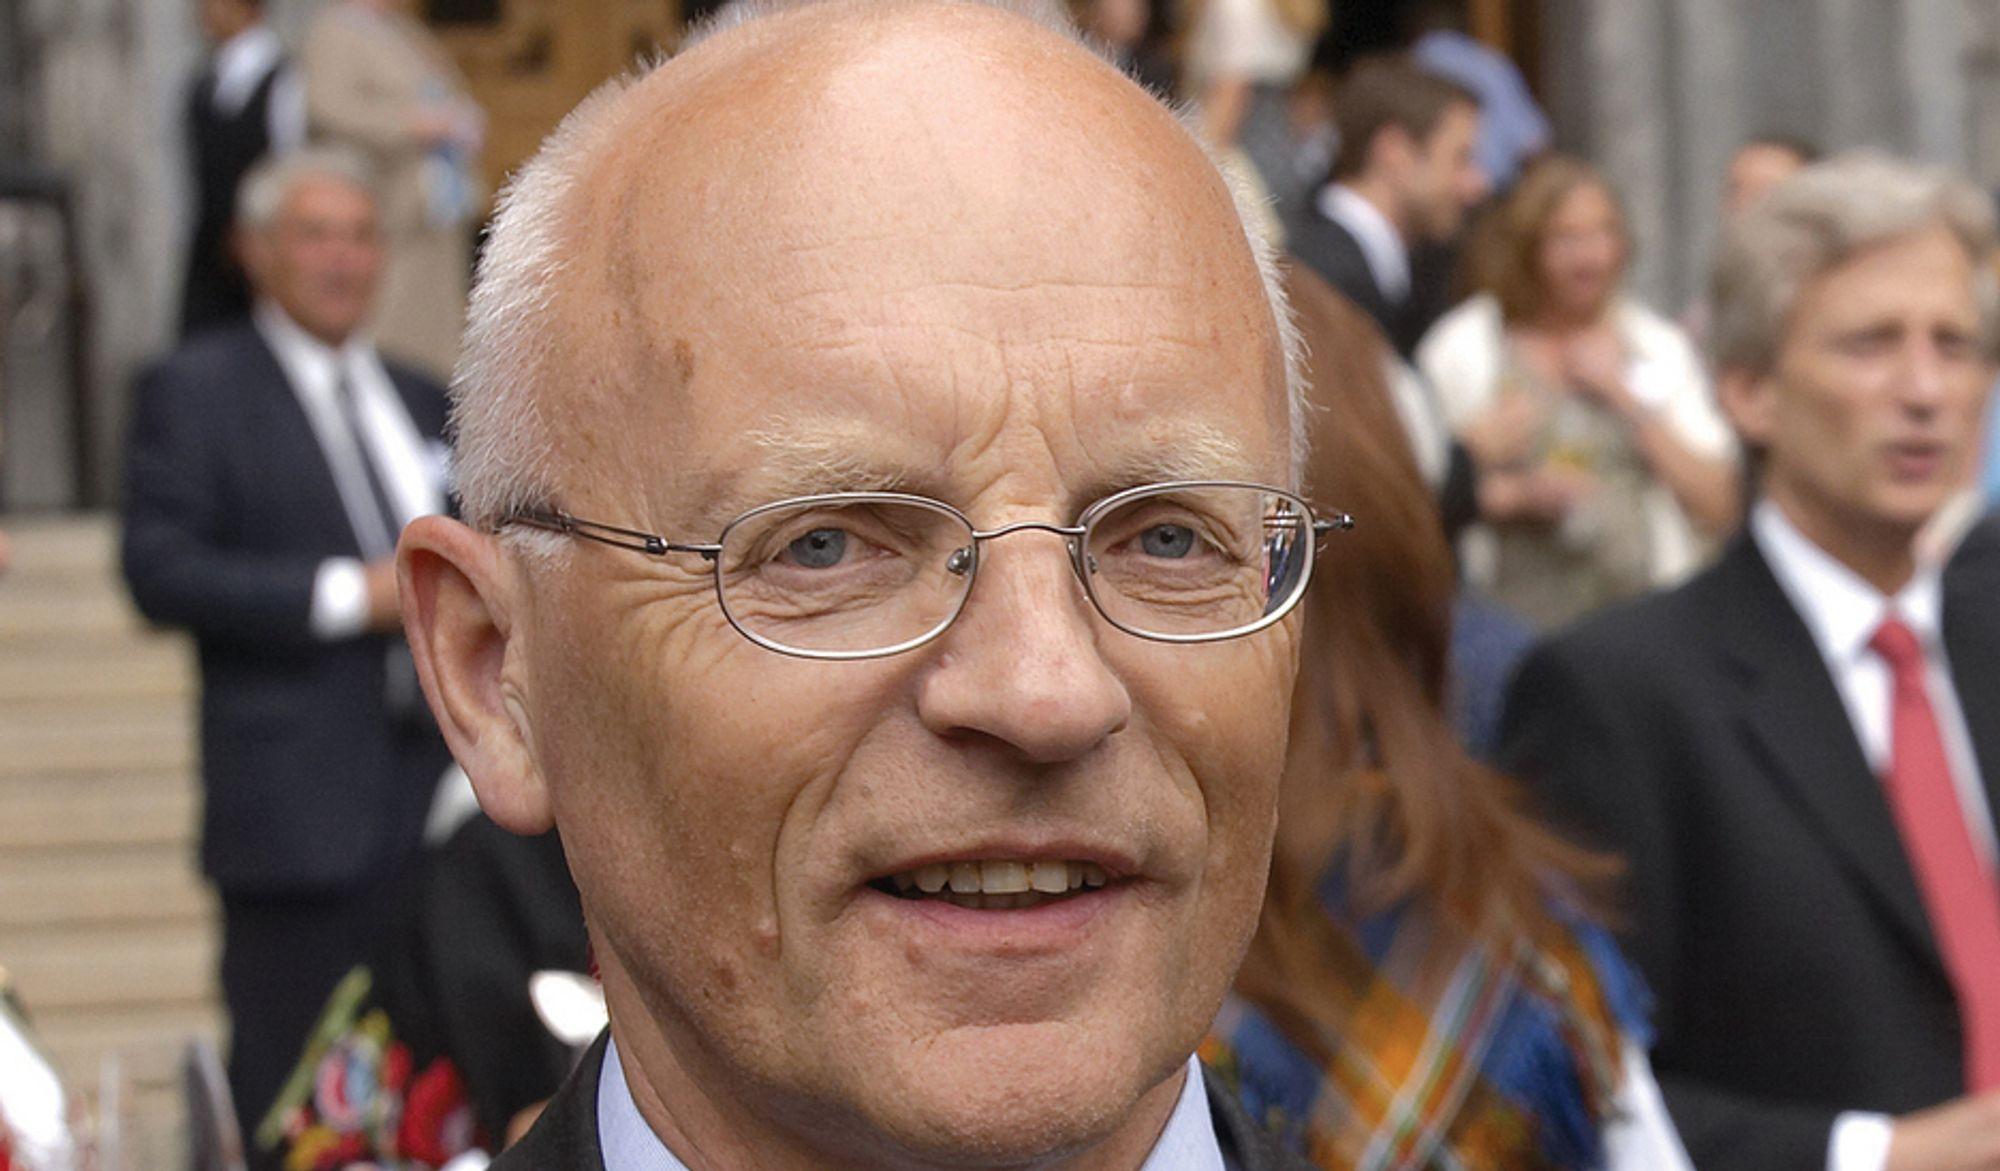 VASK: Flere betaler andre for å gjøre det de selv ikke ønsker å gjøre, sier BI-amanuensis Hans Mathias Thjømøe.